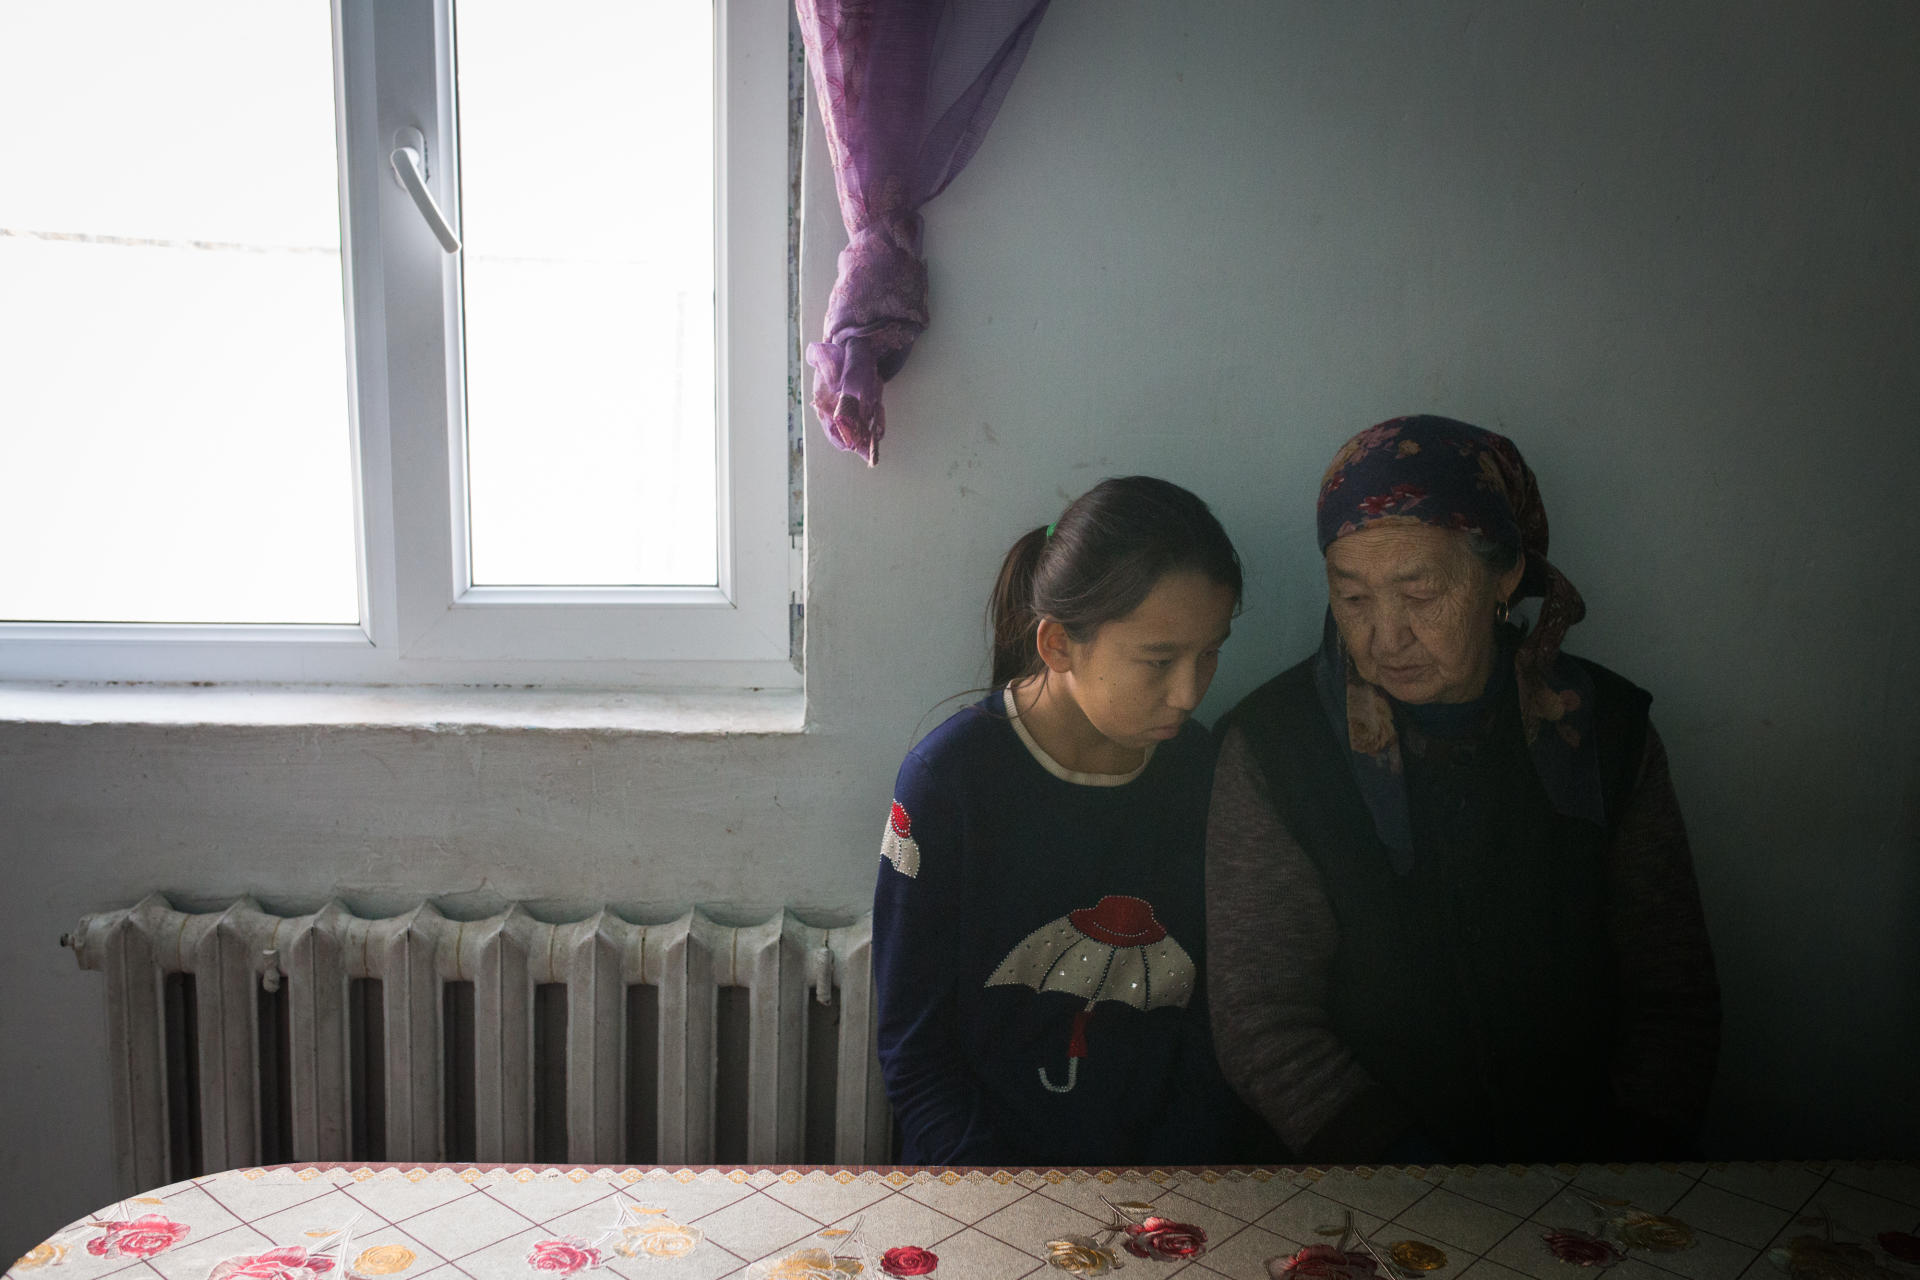 Marmar Torekhan, 12 ans, avec sa grand-mère, Khalisha Abdrasic. Depuis que ses parents sont retenus en Chine, Marmar vit avec ses grand-parents dans un village proche d'Almaty. A Karaturyk, Kazakhstan, en décembre 2018.